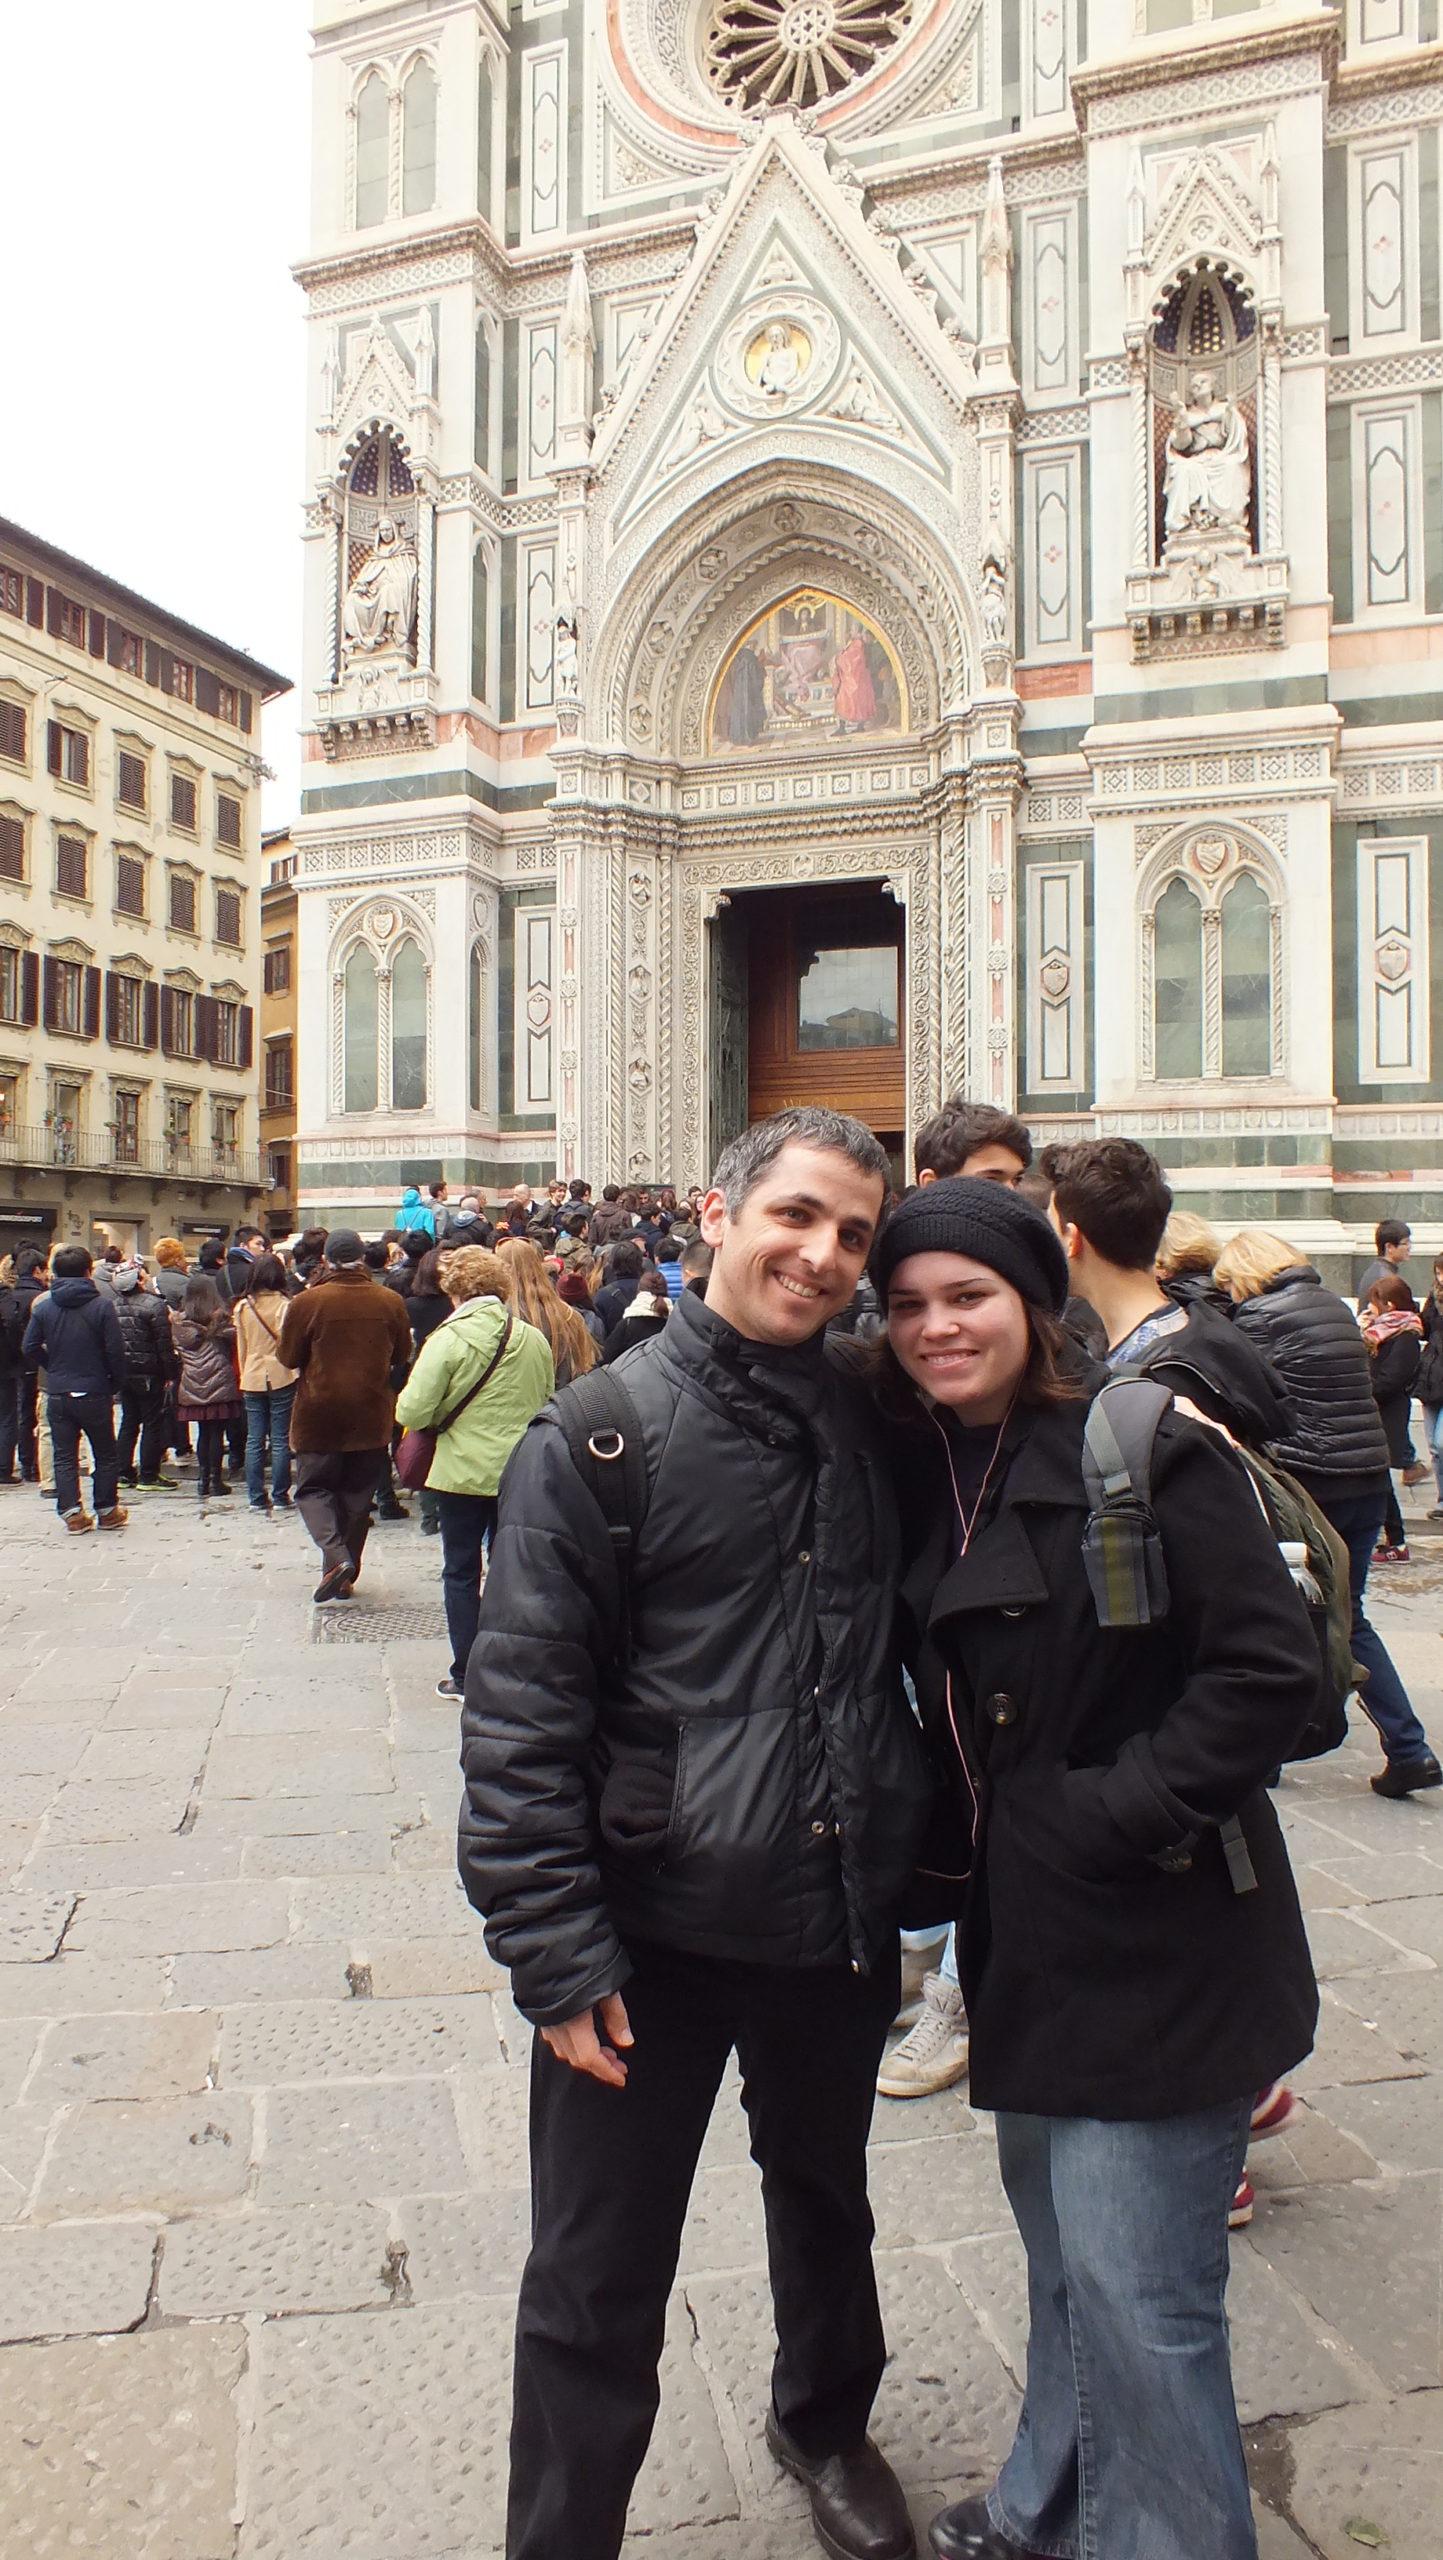 אטרקציות בפירנצה איטליה